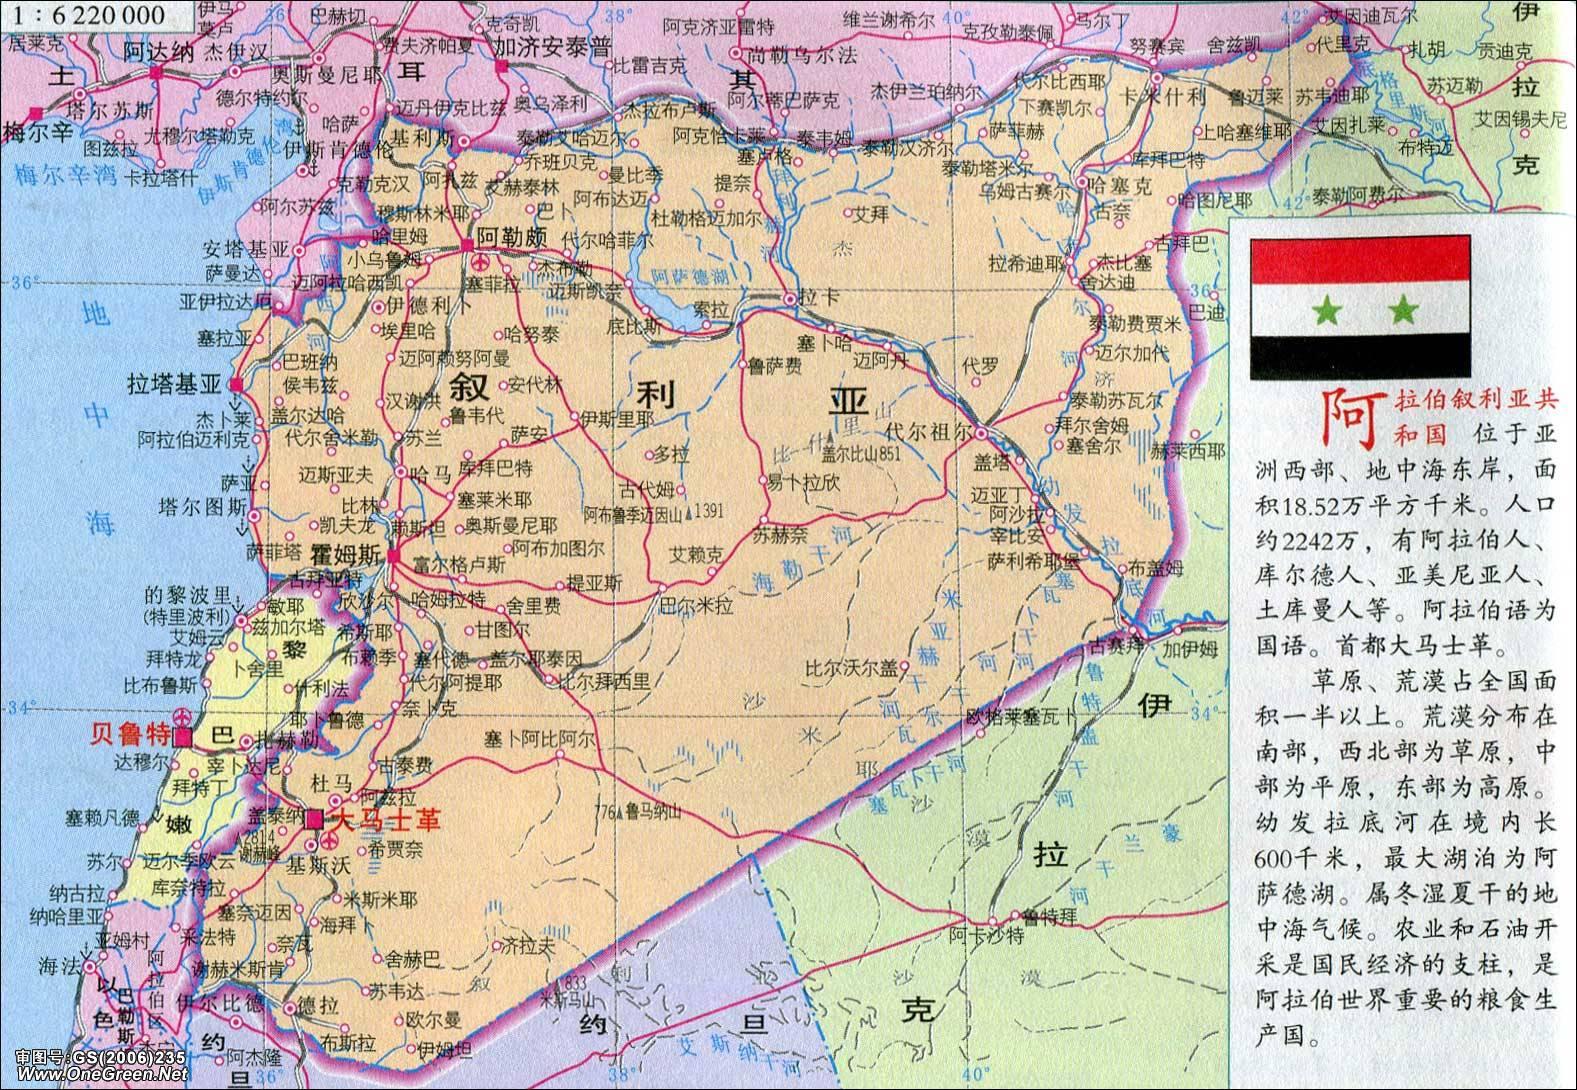 叙利亚地图(资料图/地图窝)